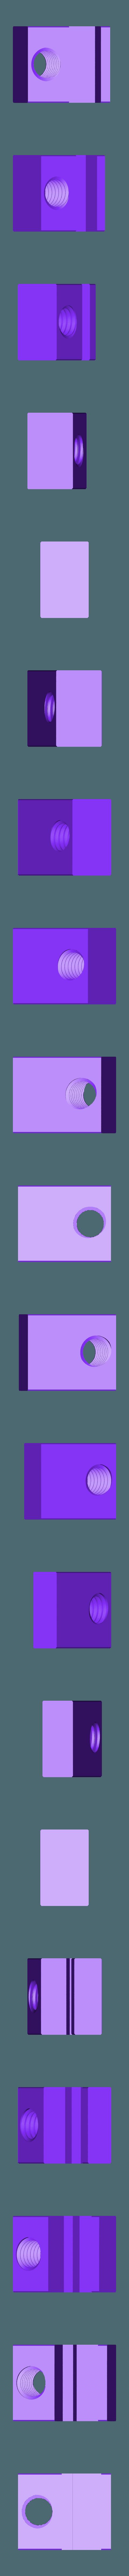 5GS_front.stl Télécharger fichier STL gratuit Réplicateurs de 5ème génération pour la fabrication de plaques stablizers • Plan à imprimer en 3D, Muzz64